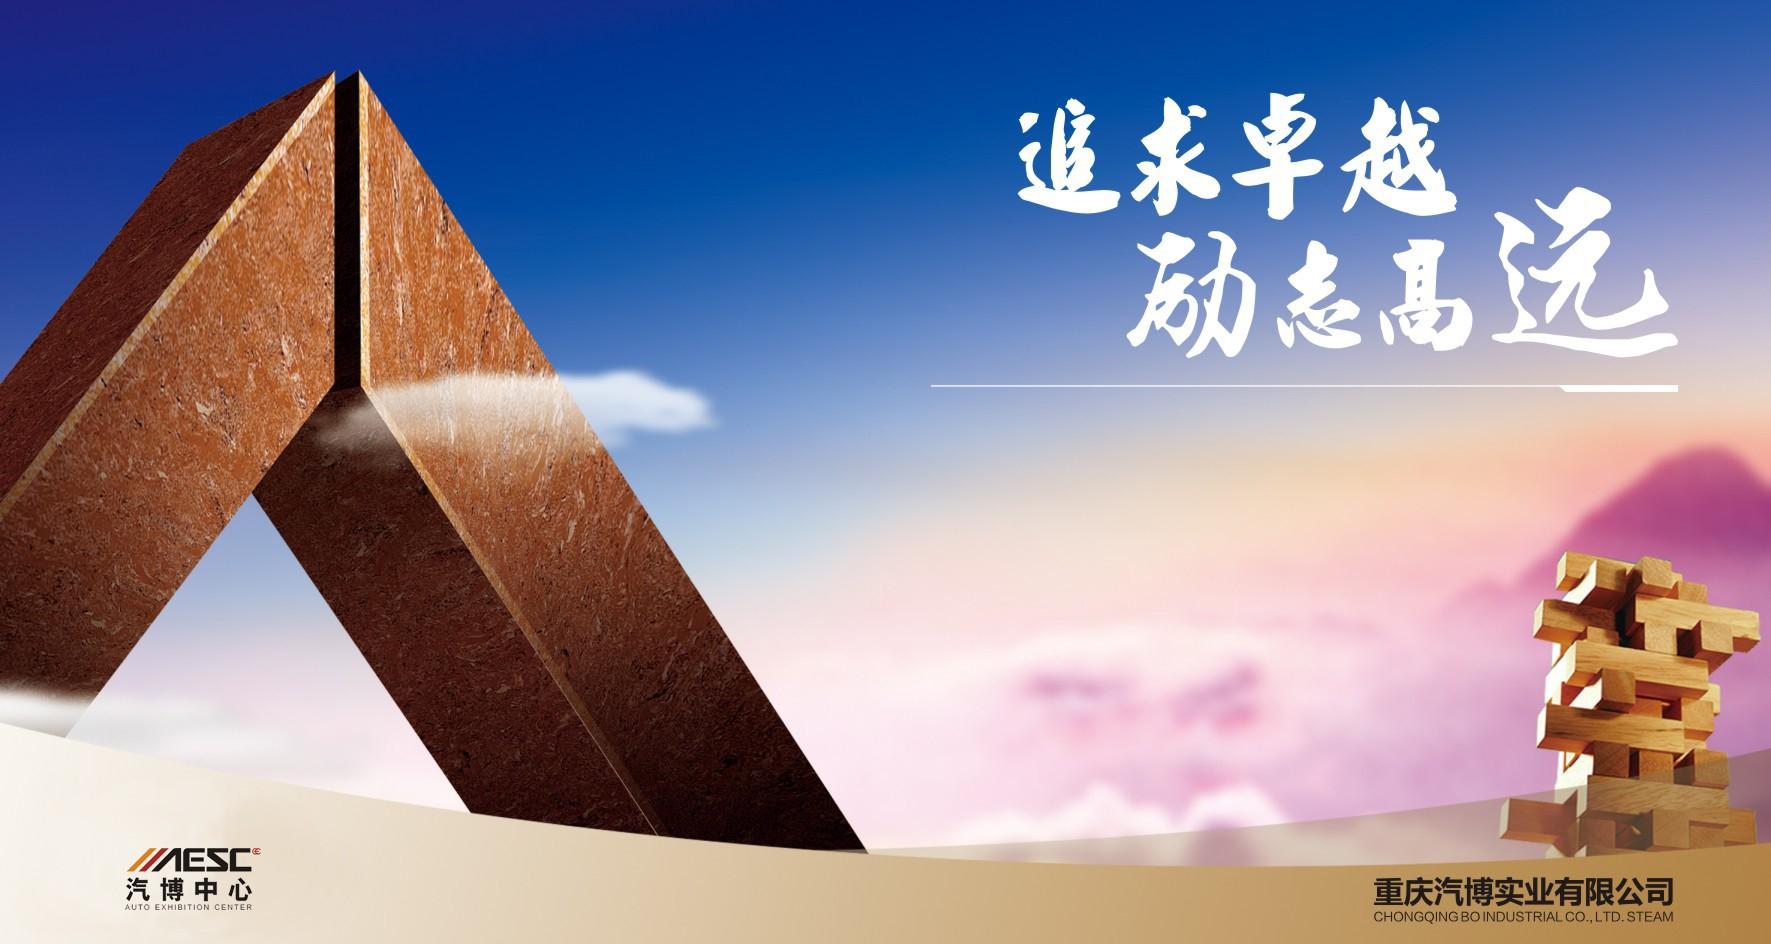 重庆汽博中心|科目一理论考试|车管所|二手车交易市场|汽配市场|名车广场|车辆检测站|加油站